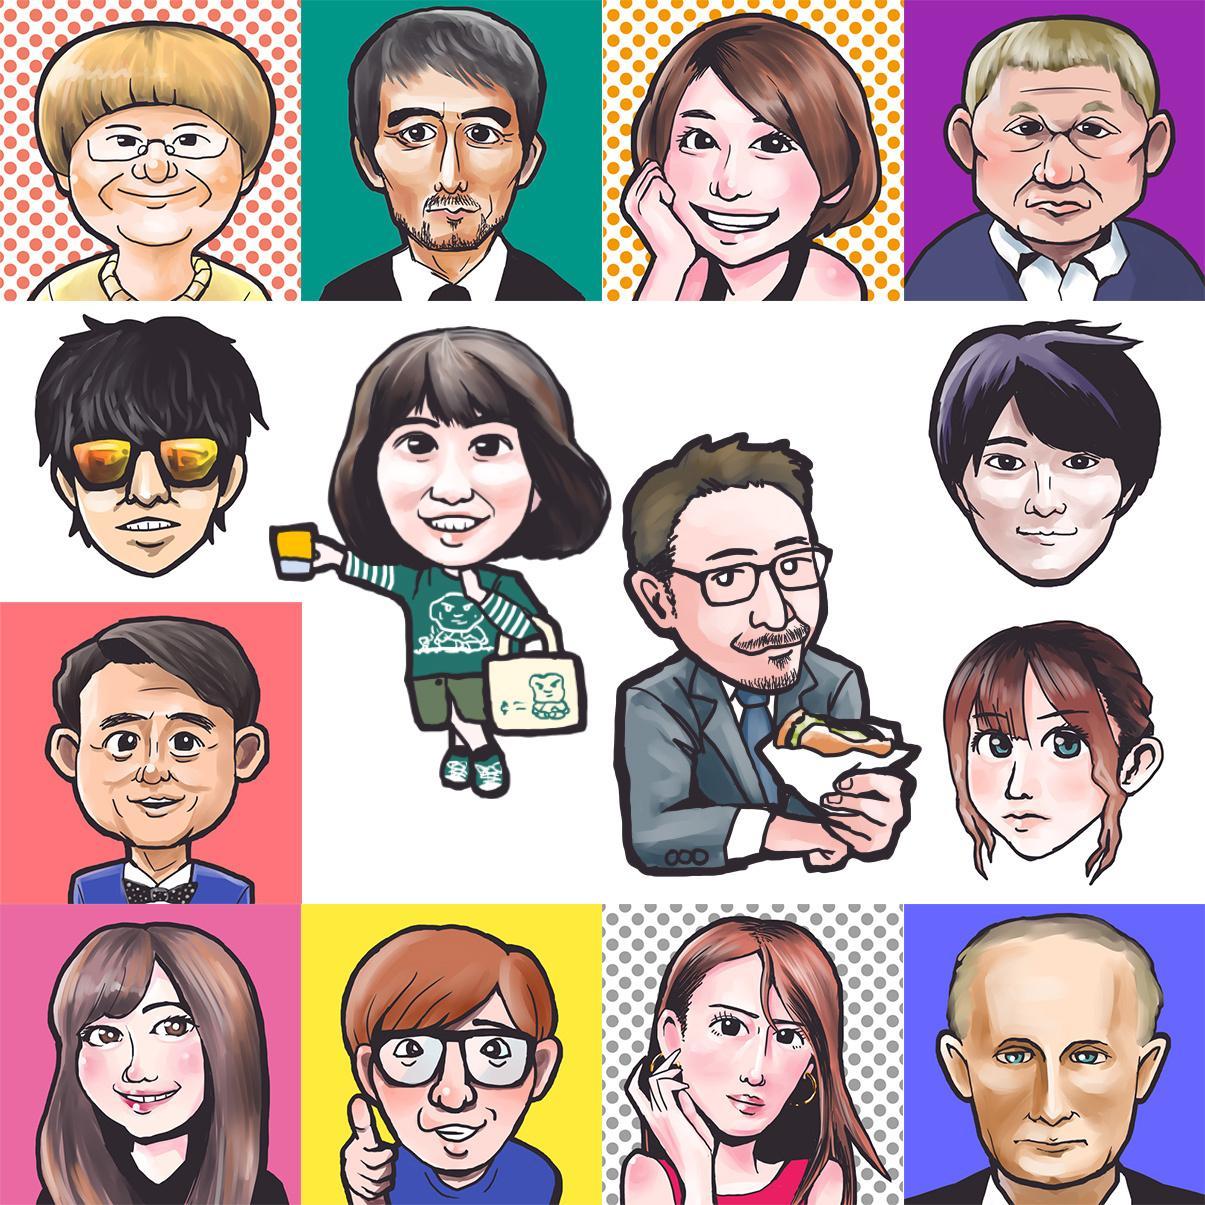 顔のみ~全身まで ★ご希望の似顔絵を描きます SNS、プレゼント、グループ皆で_様々な用途に対応します!